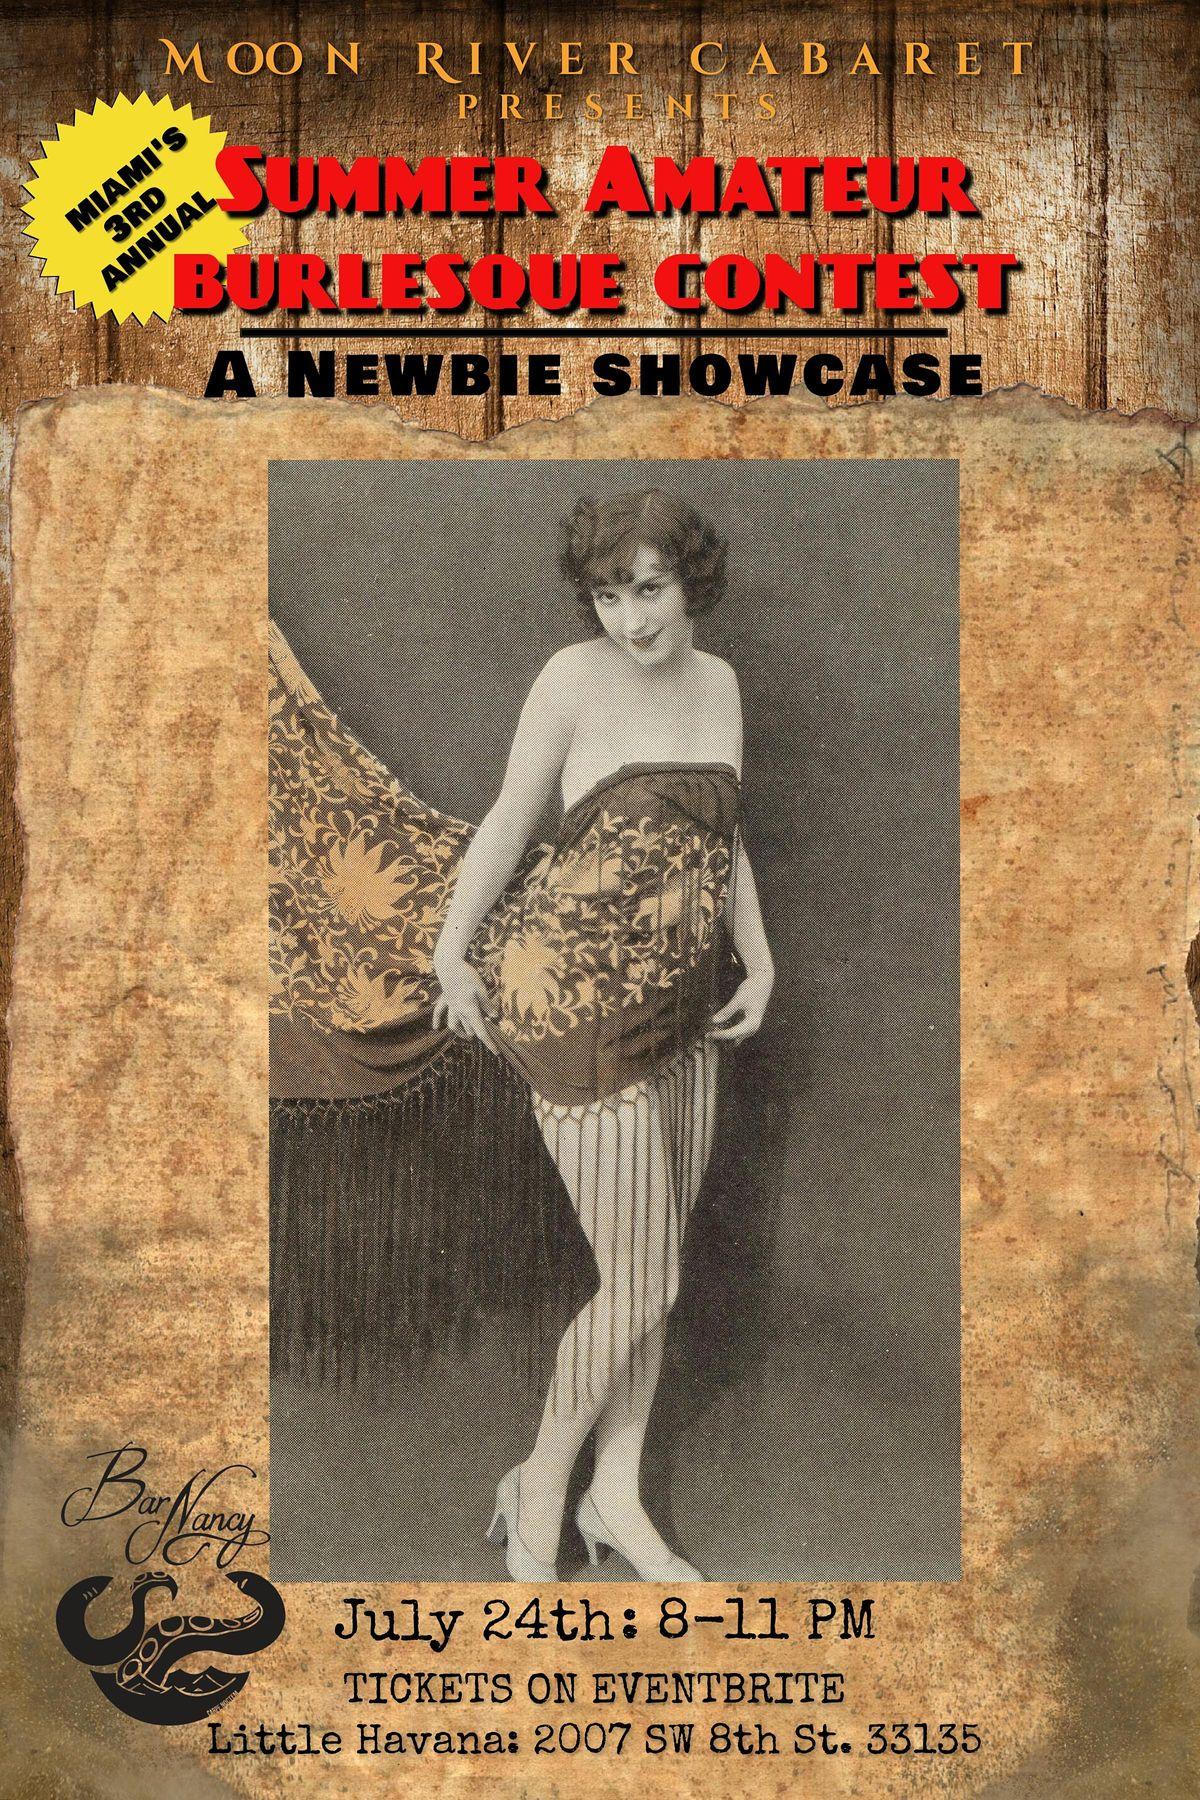 3rd Annual Summer Amateur Burlesque Contest - A Newbie Showcase